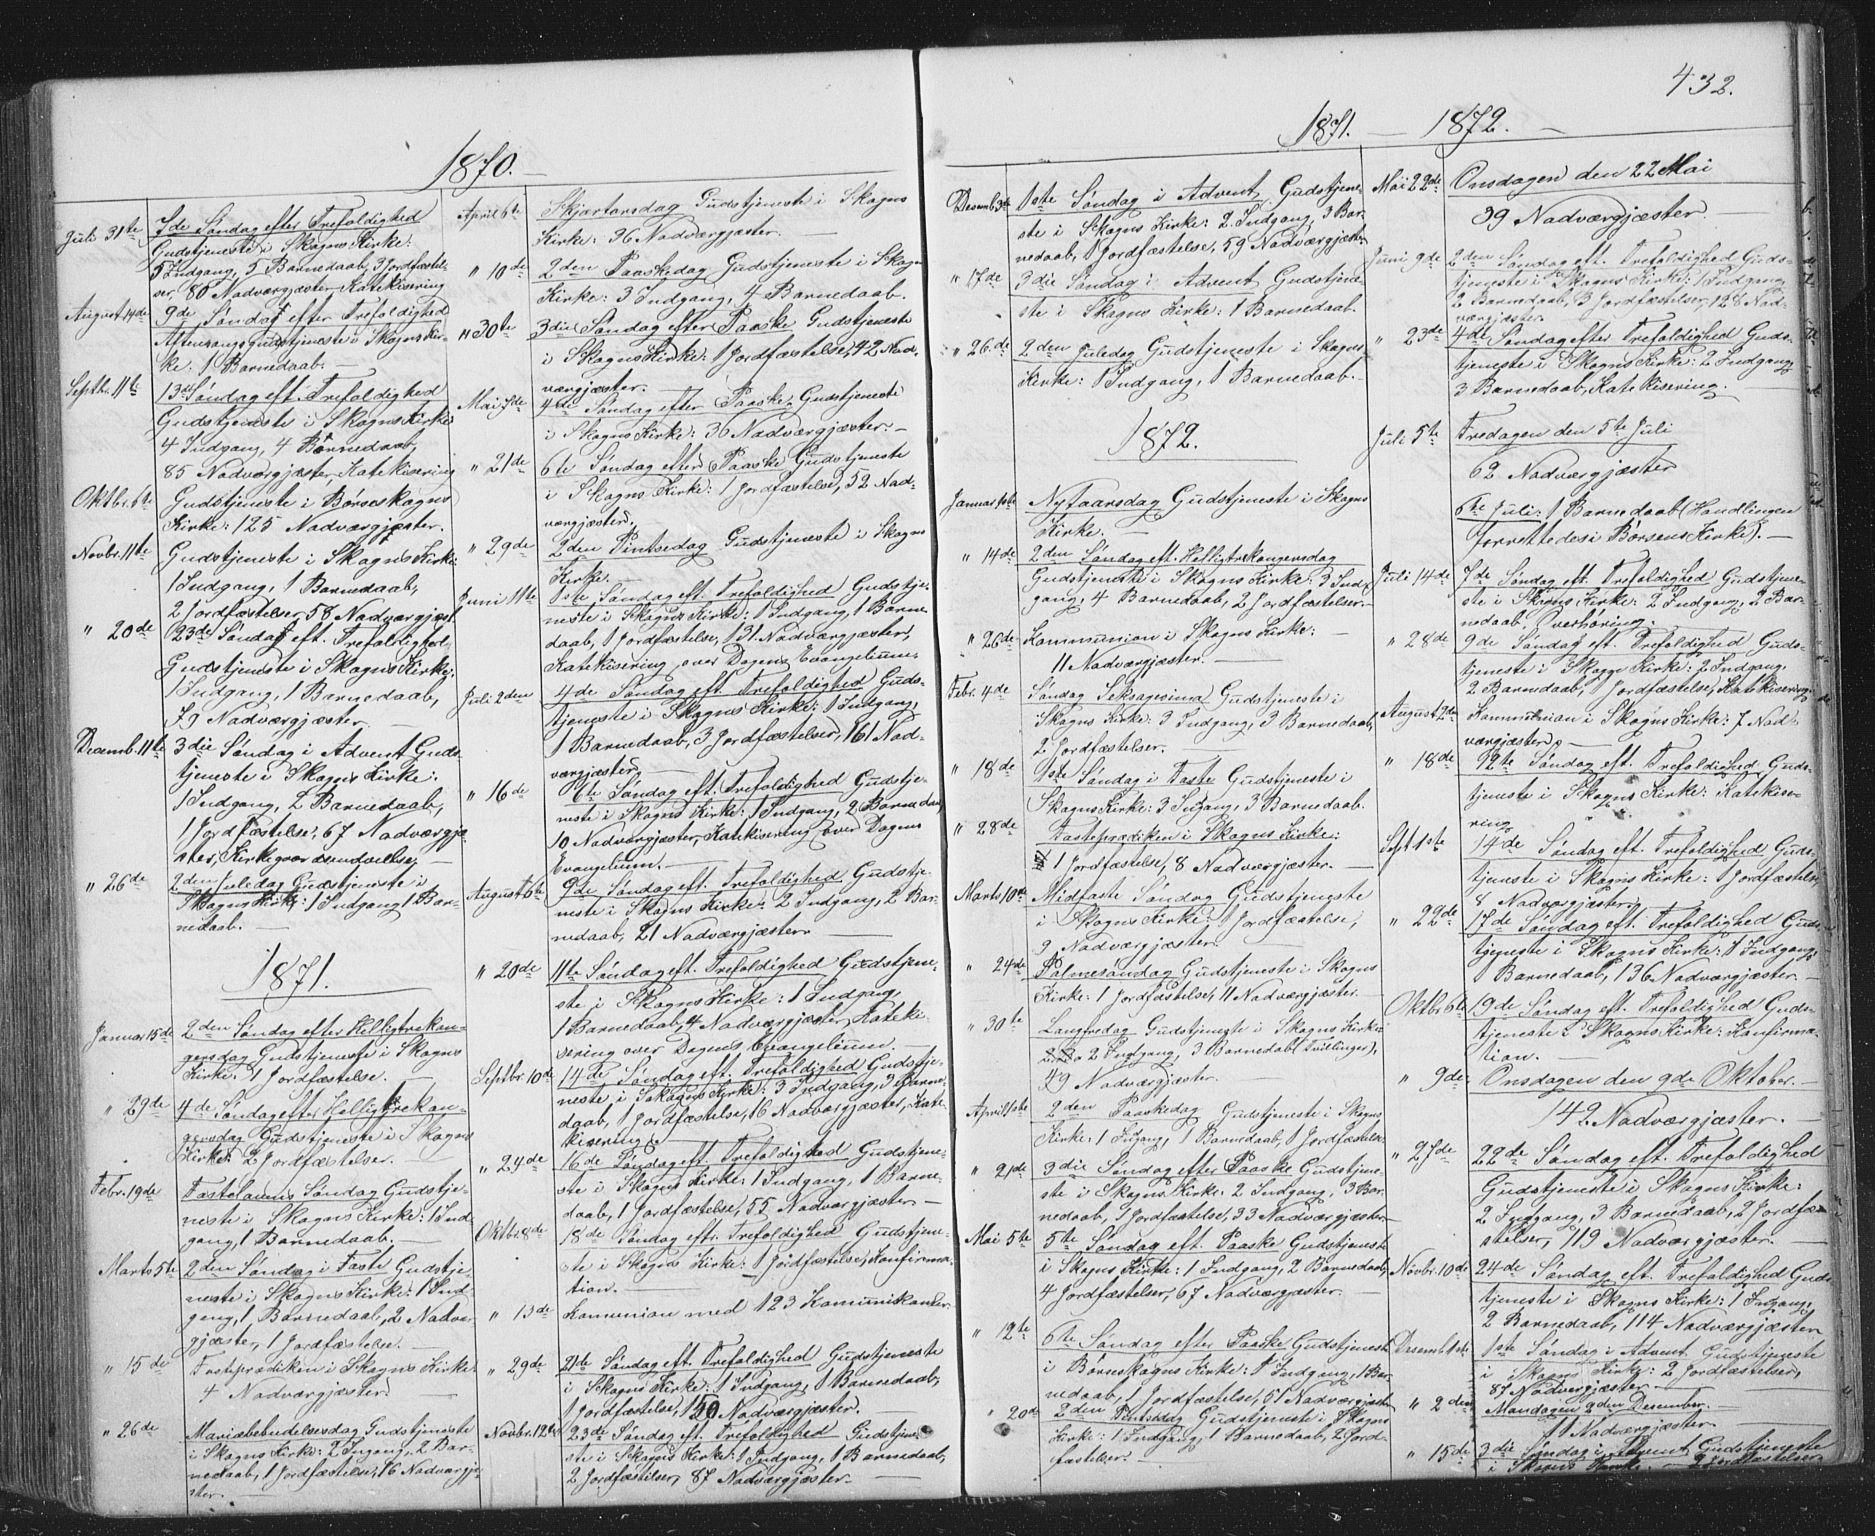 SAT, Ministerialprotokoller, klokkerbøker og fødselsregistre - Sør-Trøndelag, 667/L0798: Klokkerbok nr. 667C03, 1867-1929, s. 432